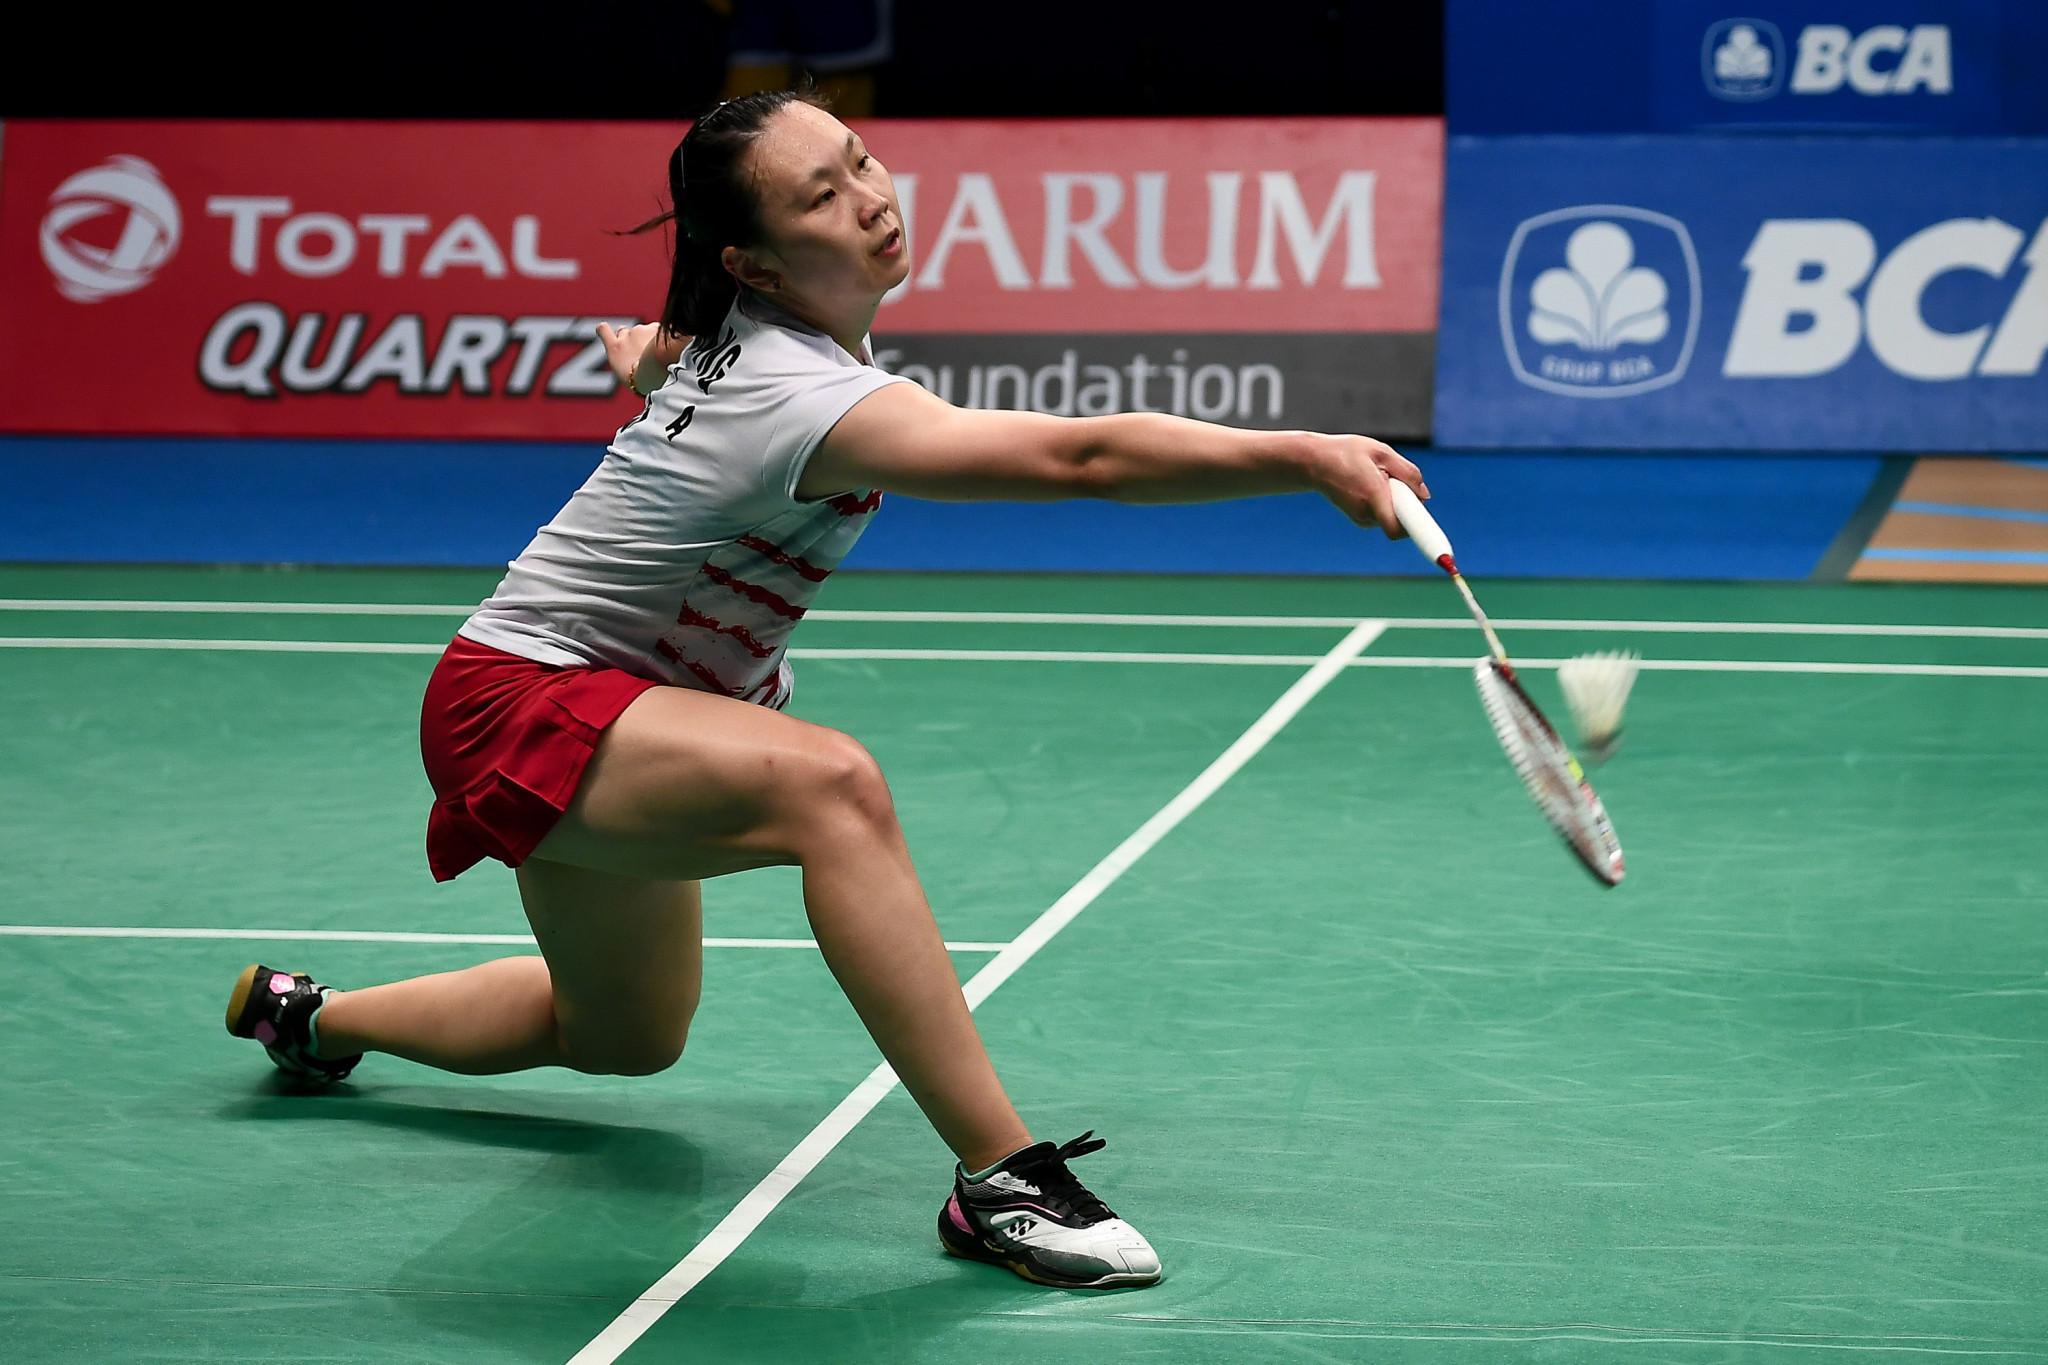 Zhang battles back to reach quarter finals at BWF Bitburger Open